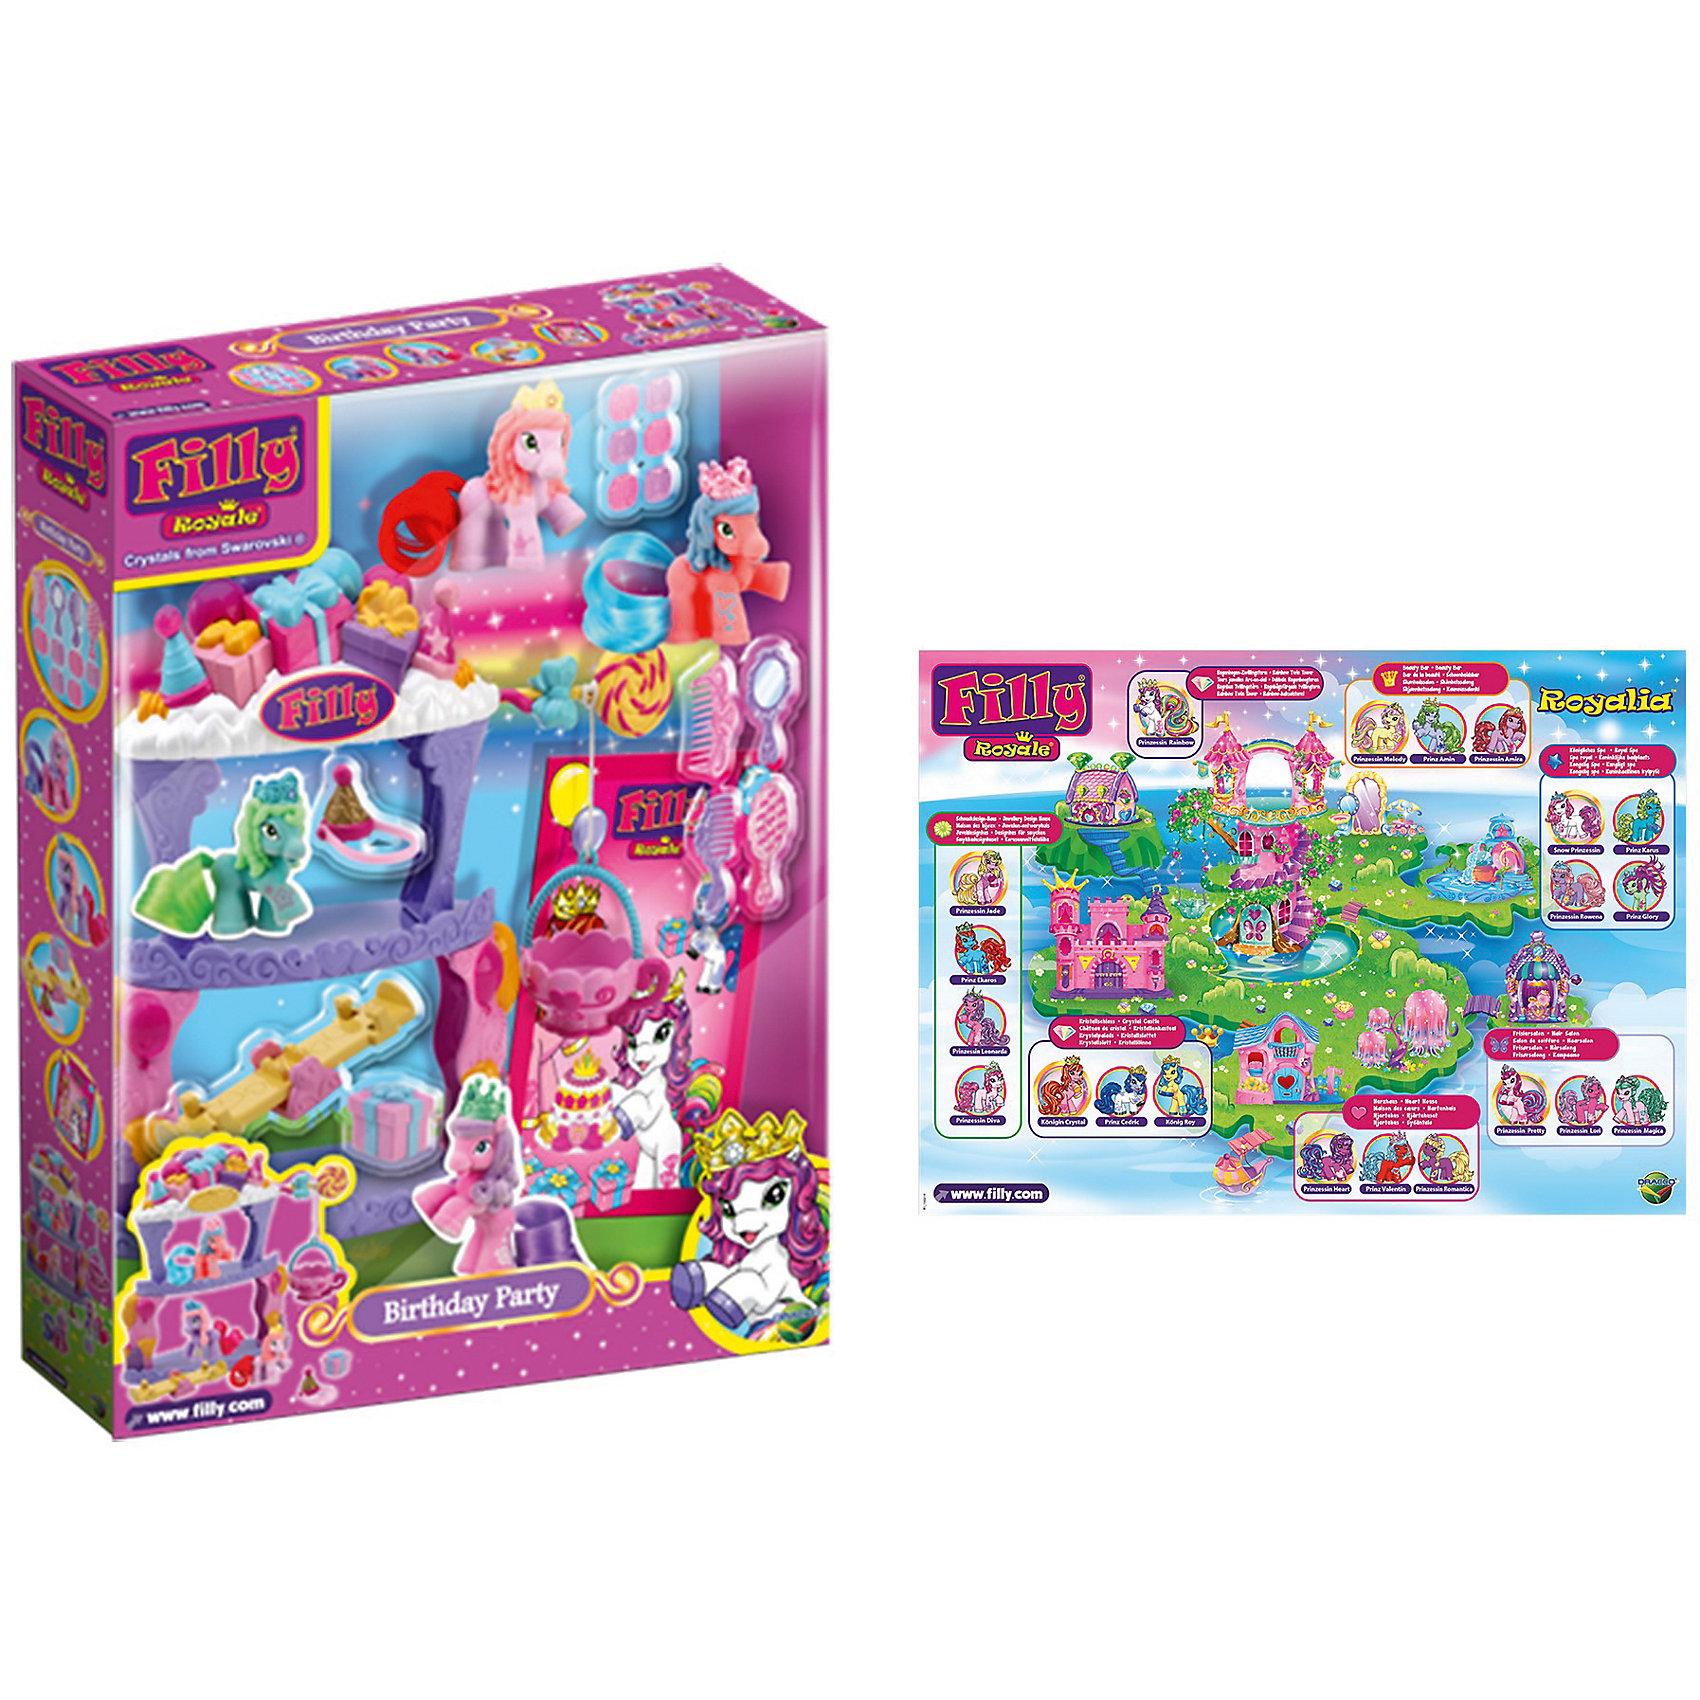 Игровой набор Королевские Filly «День рождения», DraccoСюжетно-ролевые игры<br>Характеристики товара:<br><br>• возраст от 3 лет;<br>• материал: пластик;<br>• в наборе: лошадка, качели, расчески, подарочные коробочки;<br>• размер упаковки 26,5х36,5х5,6 см;<br>• вес упаковки 500 гр.;<br>• страна производитель Китай.<br><br>Игровой набор «Королевские Filly. День рождения» Dracco создан по мотивам известного мультфильма про лошадок Филли и обязательно понравится его поклоннице. У лошадки Филли день рождения, поэтому ее ждут очаровательные подарки на ее праздник. Весело провести время лошадка может, катаясь на качелях. У лошадки пышный хвостик, который можно расчесывать и заплетать.<br><br>Игровой набор «Королевские Filly. День рождения» Dracco можно приобрести в нашем интернет-магазине.<br><br>Ширина мм: 265<br>Глубина мм: 56<br>Высота мм: 365<br>Вес г: 500<br>Возраст от месяцев: 36<br>Возраст до месяцев: 2147483647<br>Пол: Женский<br>Возраст: Детский<br>SKU: 5578427